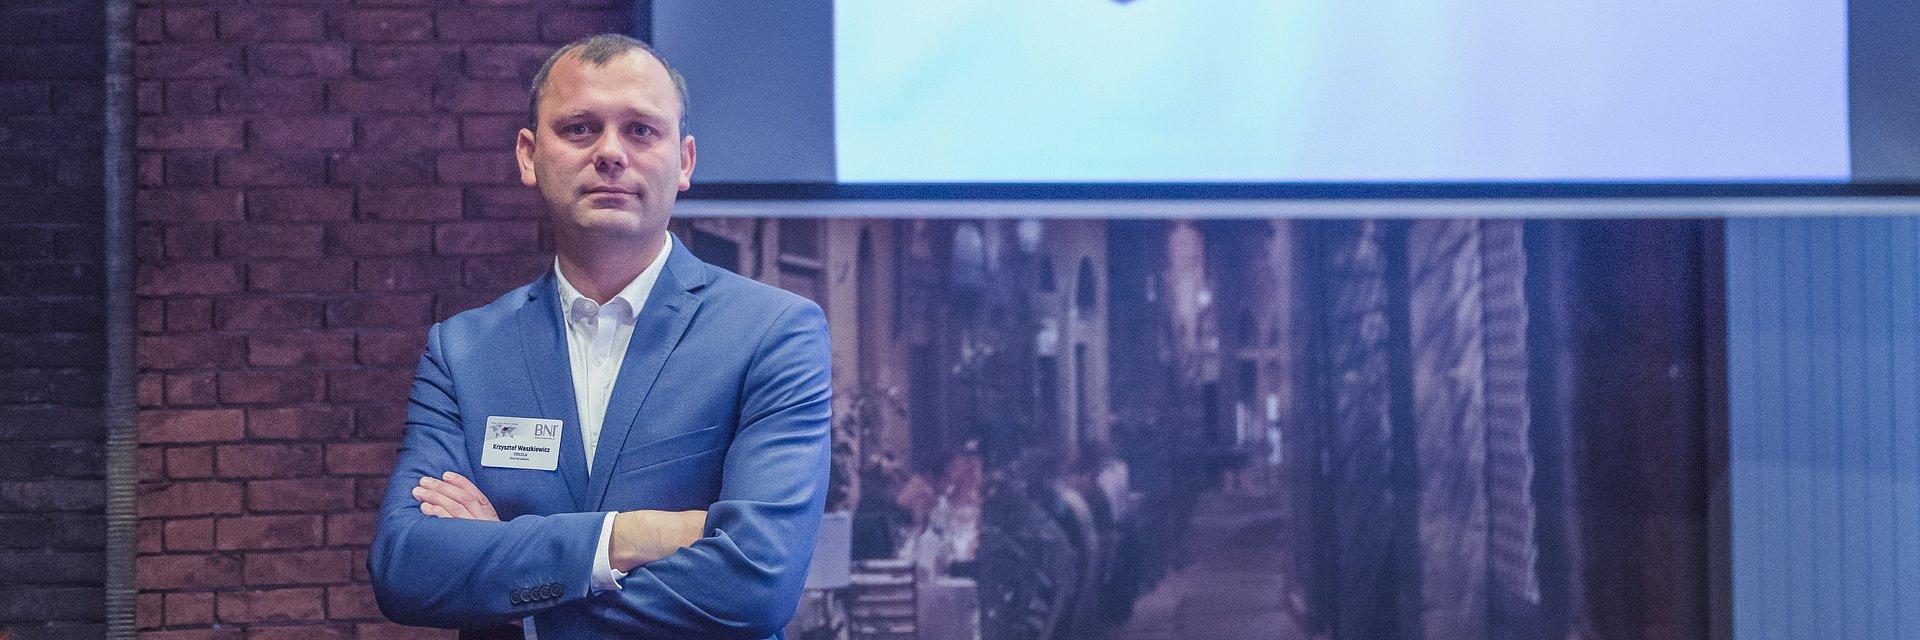 Białostocka firma Tooles odebrała tytuł Gazeli Biznesu 2018. Zajęła trzecie miejsce w województwie podlaskim